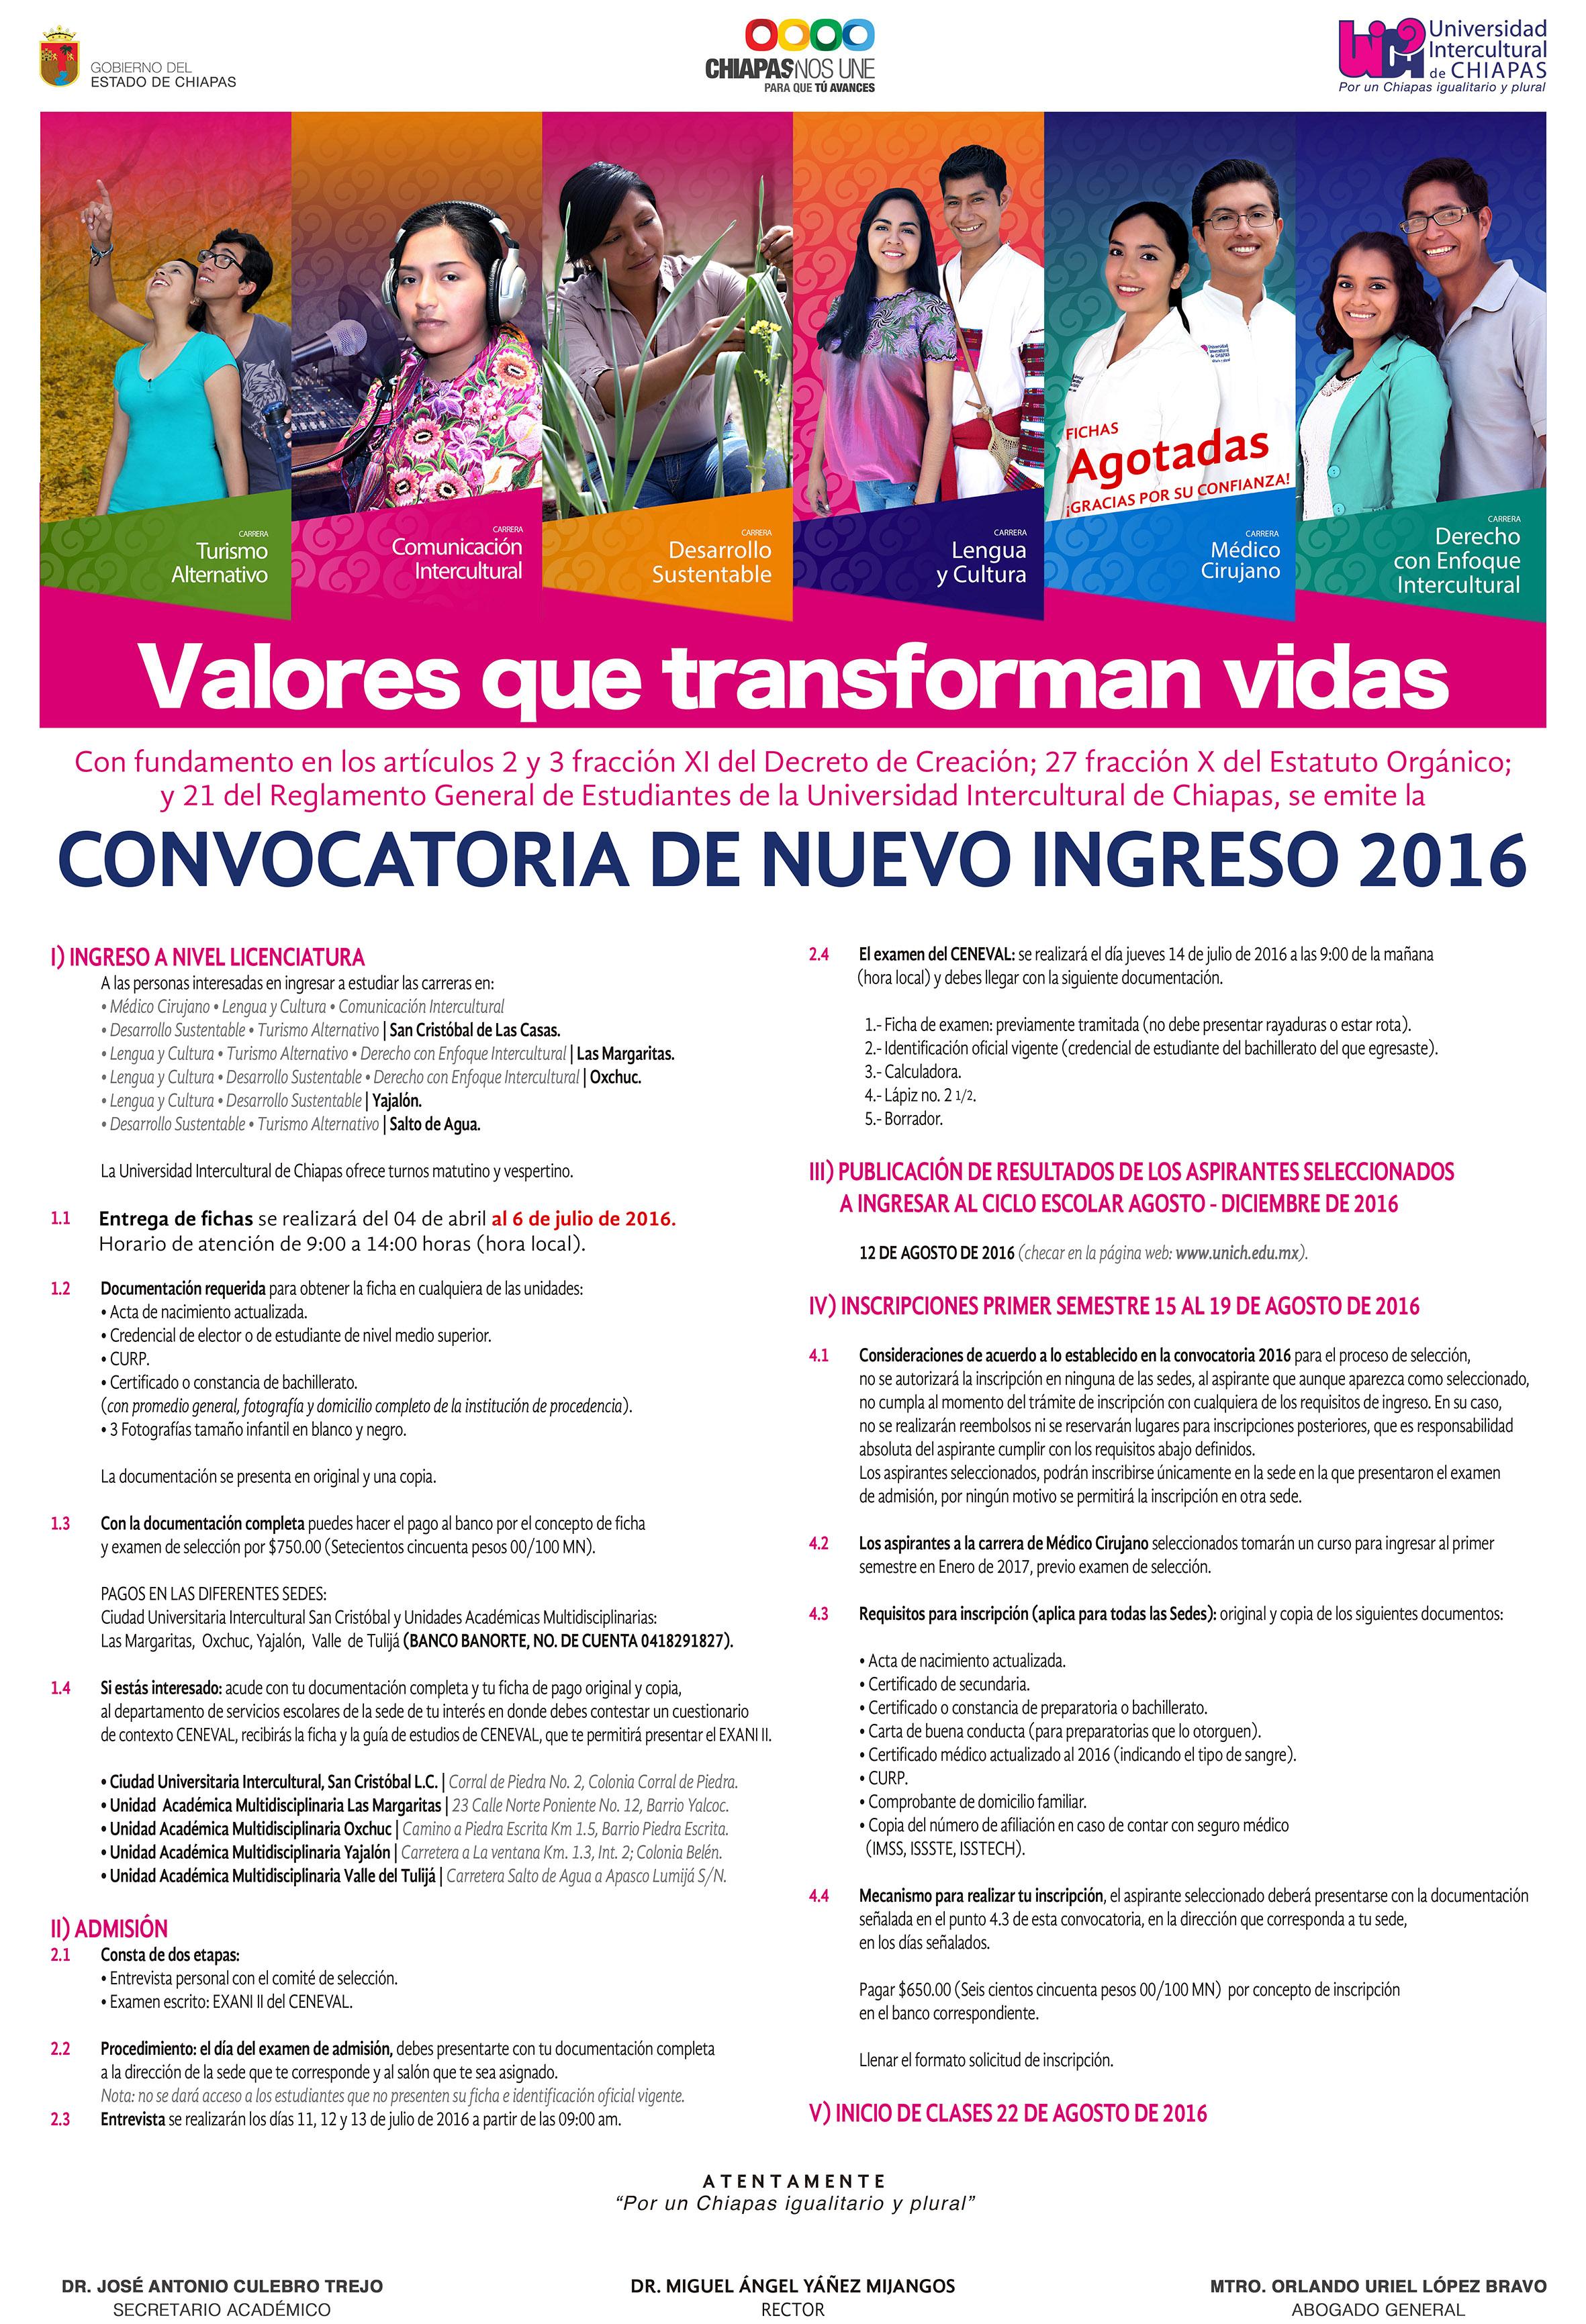 Convocatoria de nuevo ingreso 2016 for Convocatoria para docentes 2016